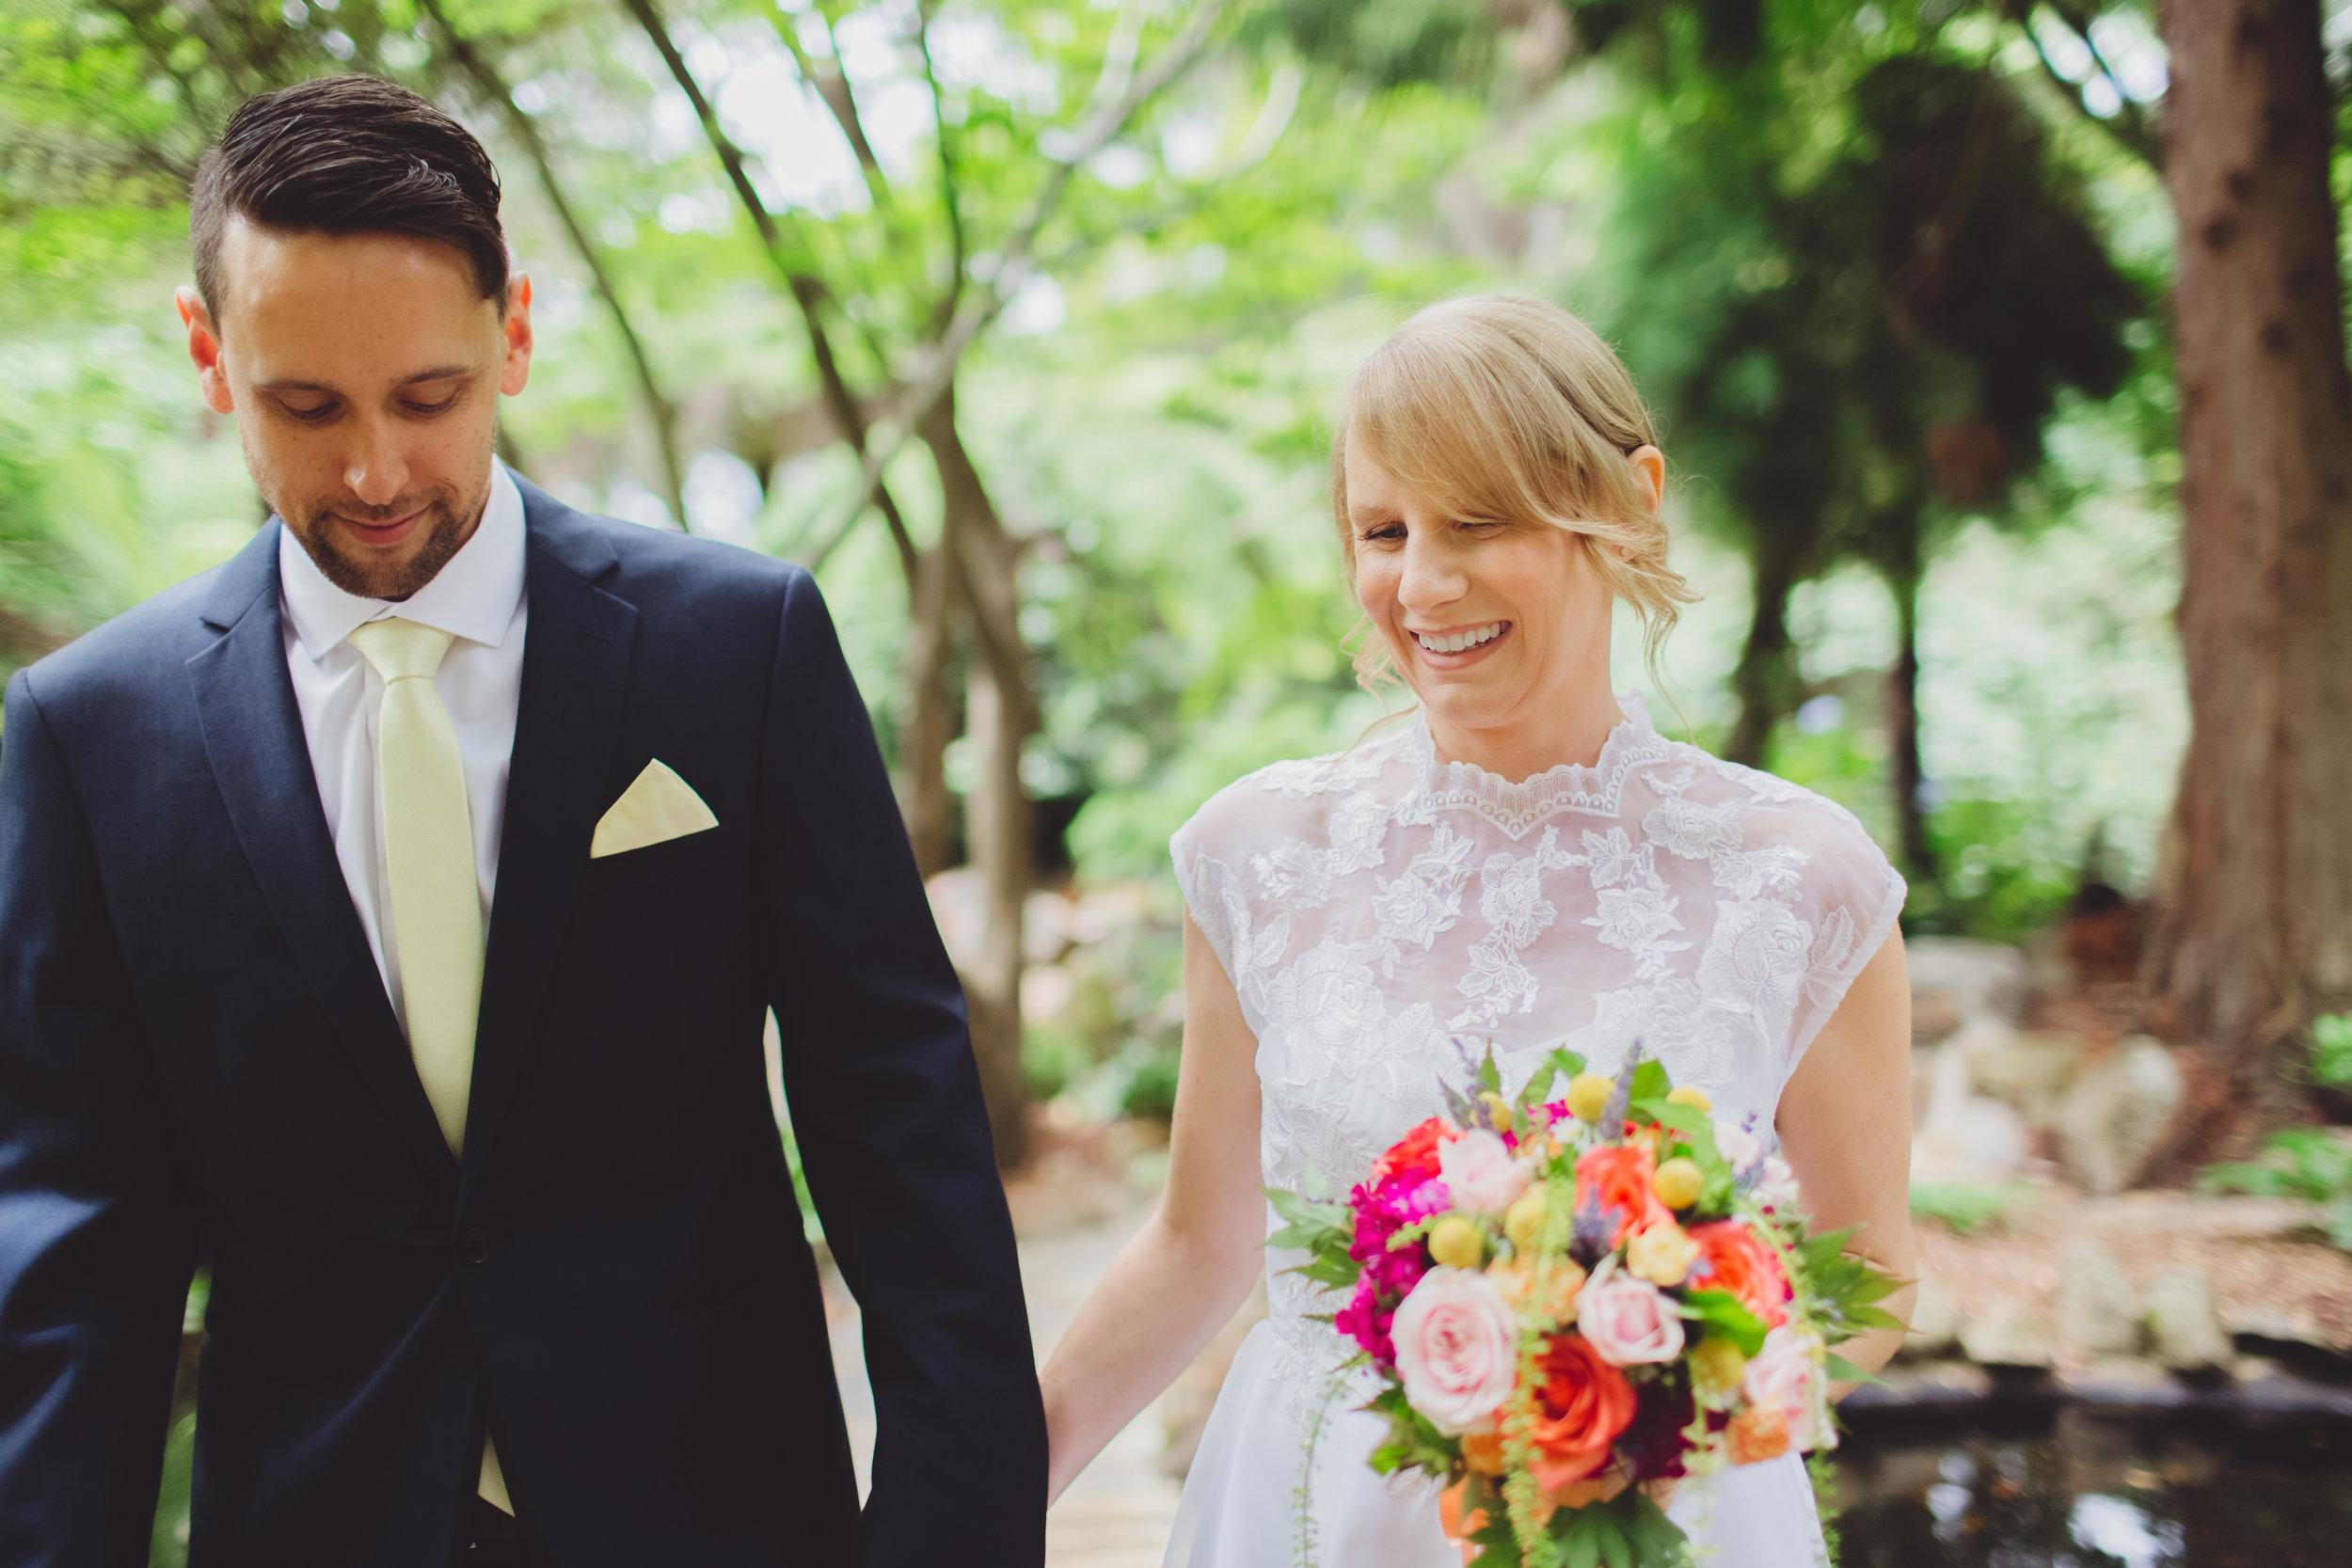 melbourne makeup artist wedding bridal